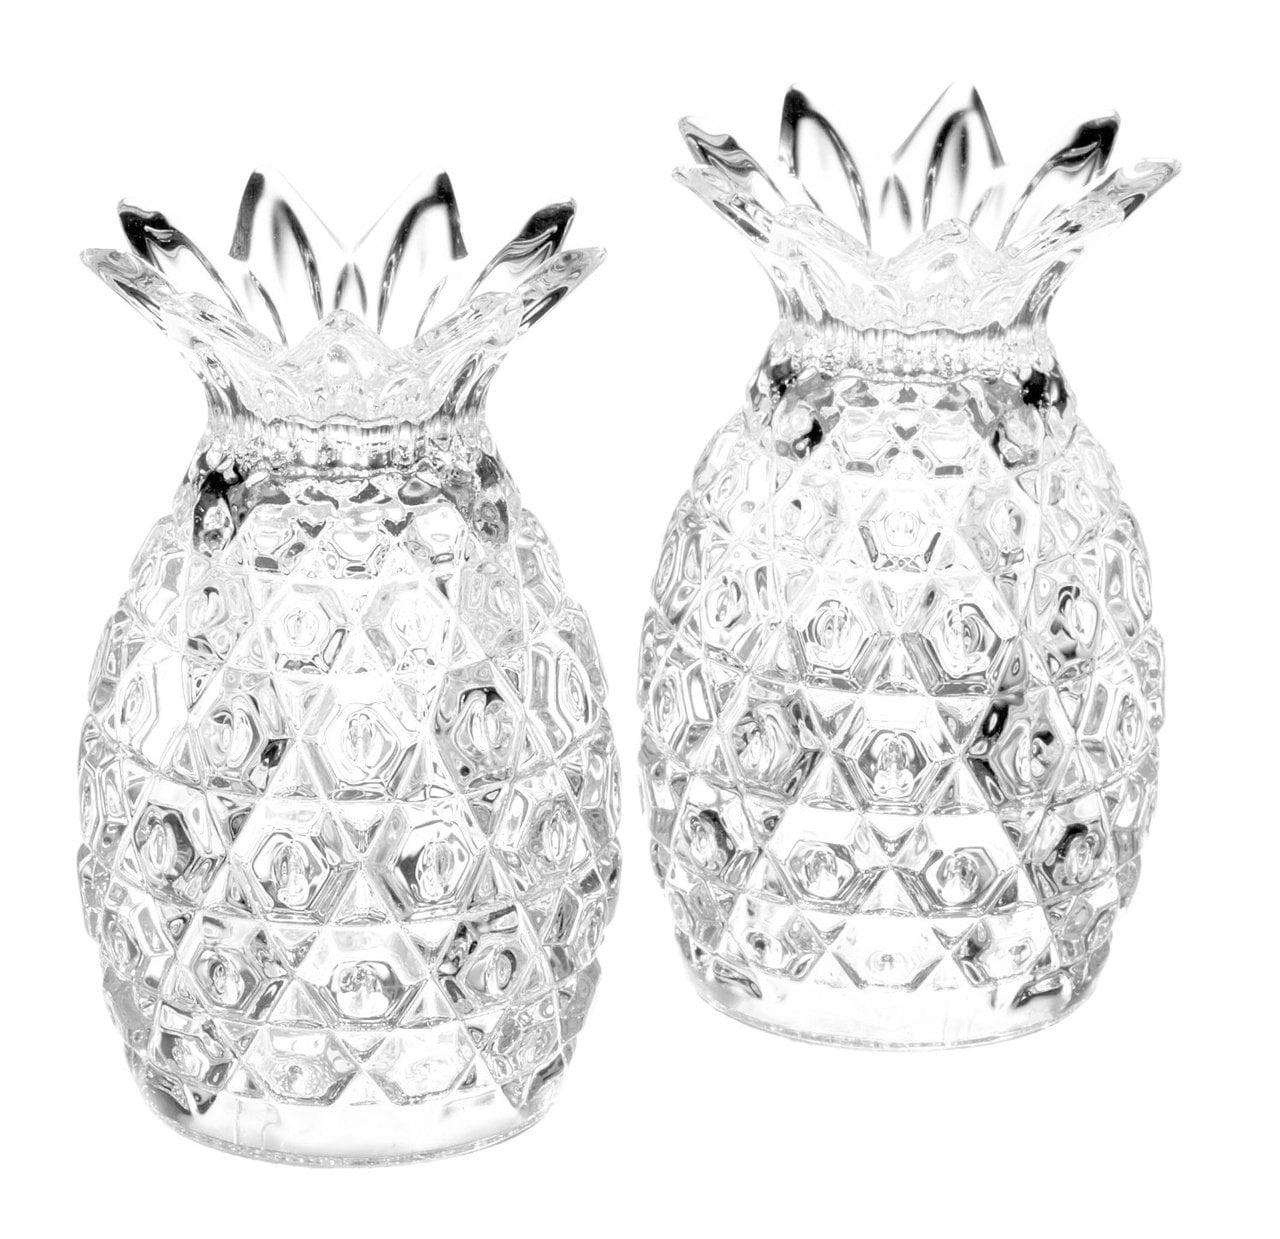 Godinger Silver Art Co 2 Piece Pineapple Salt & Pepper Shaker Set by Godinger